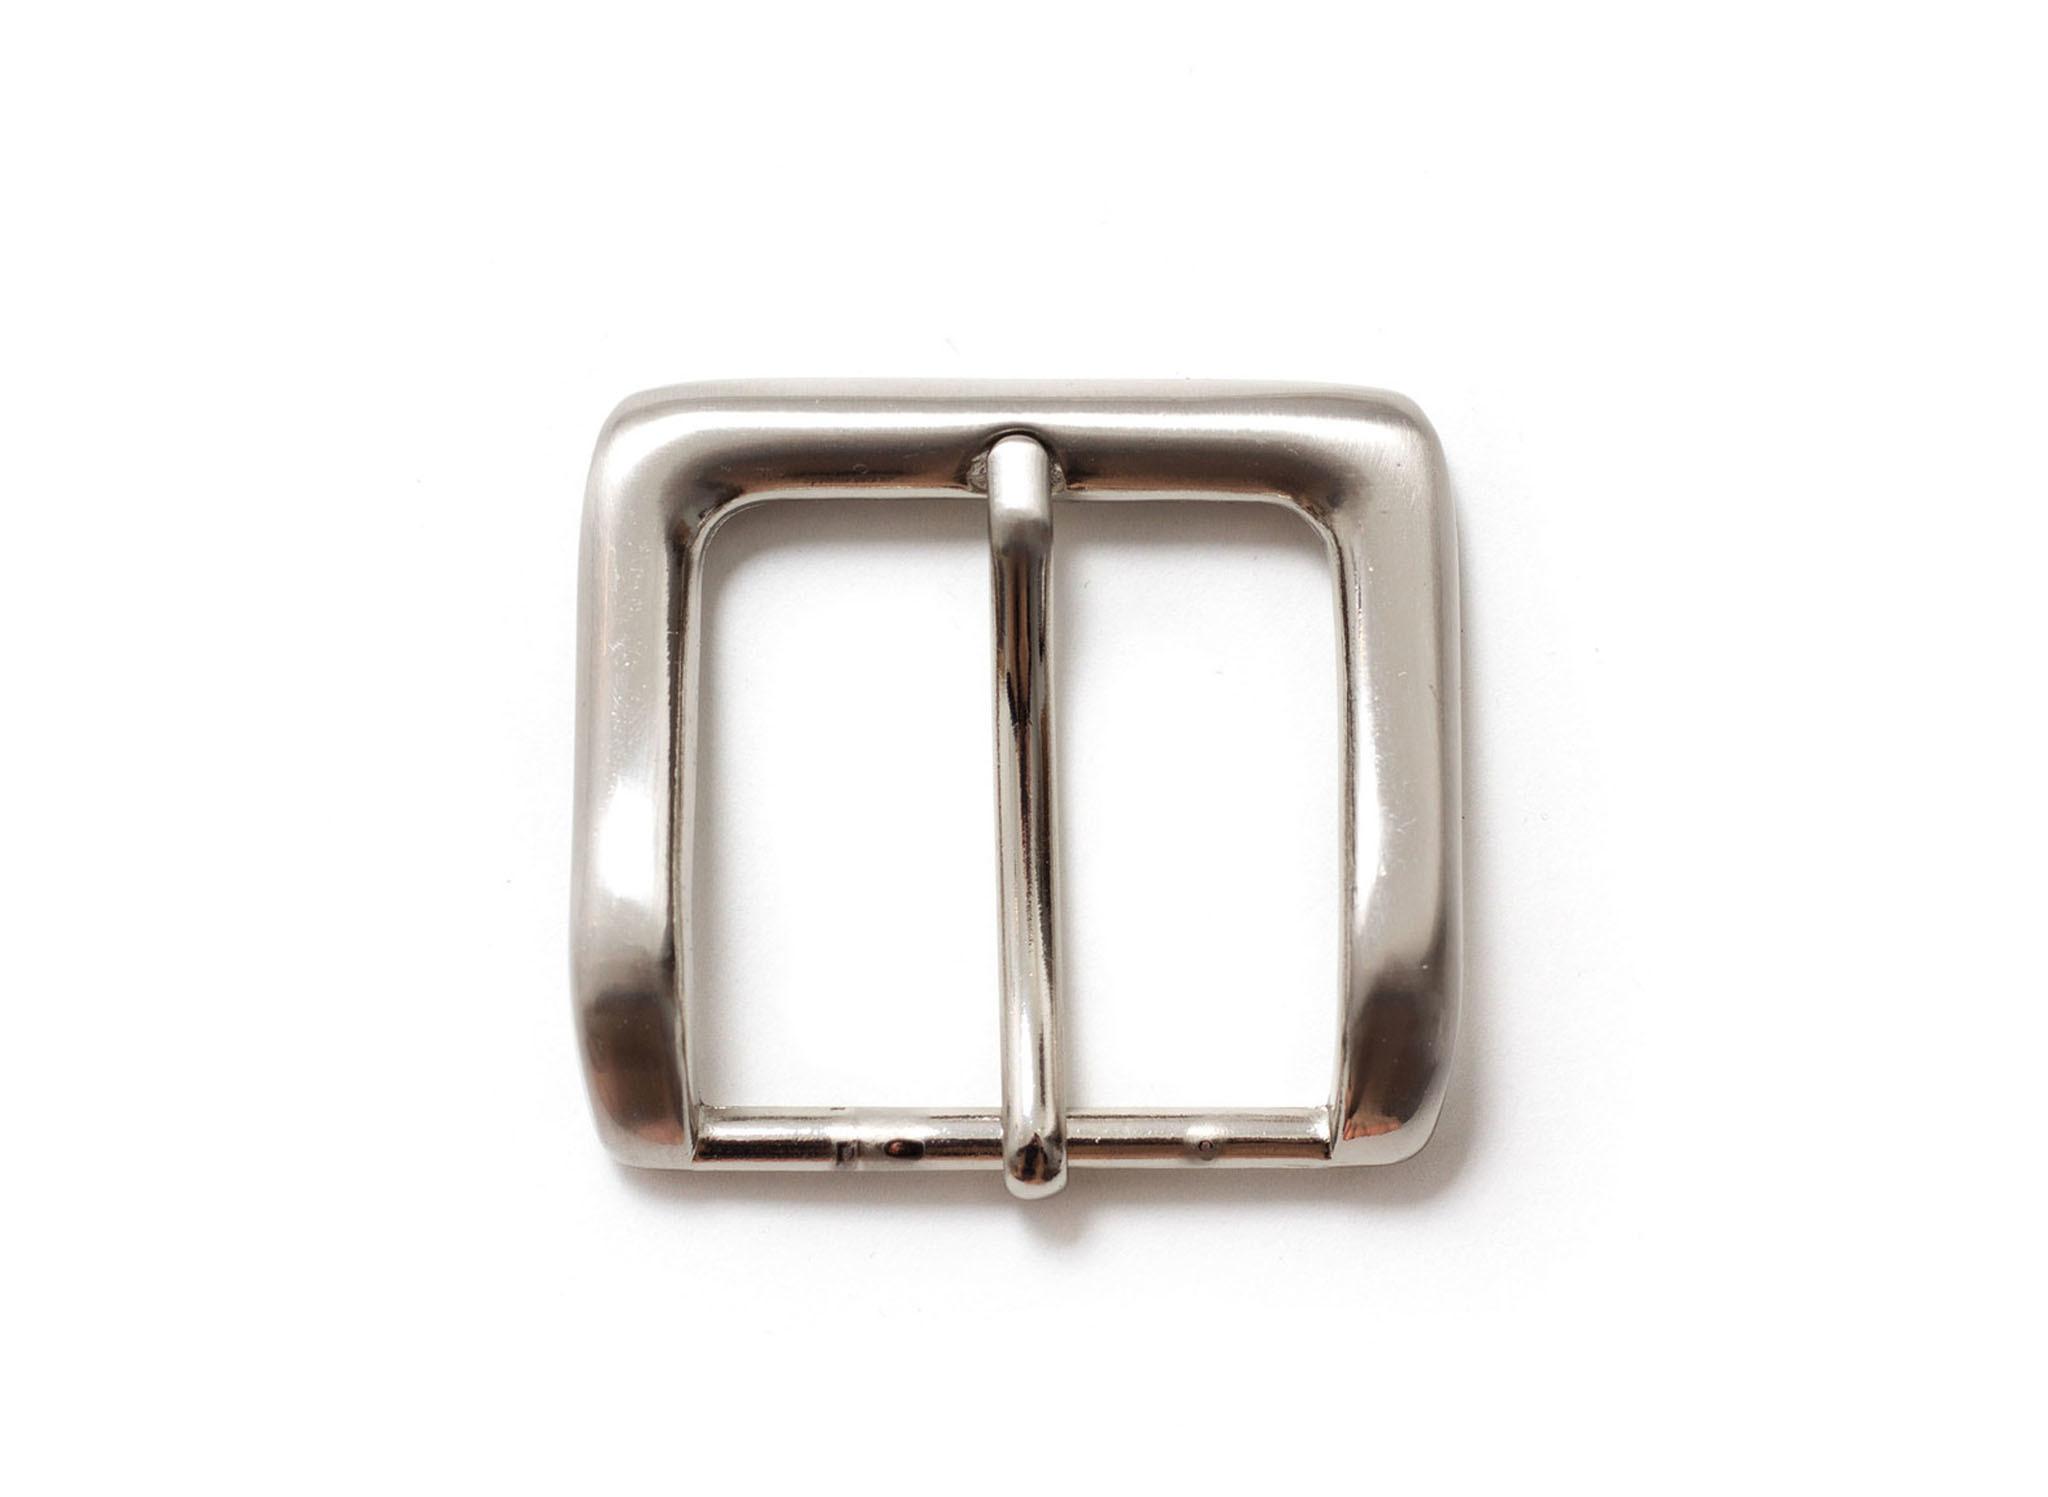 Пряжка для ремней 39 мм - никель.